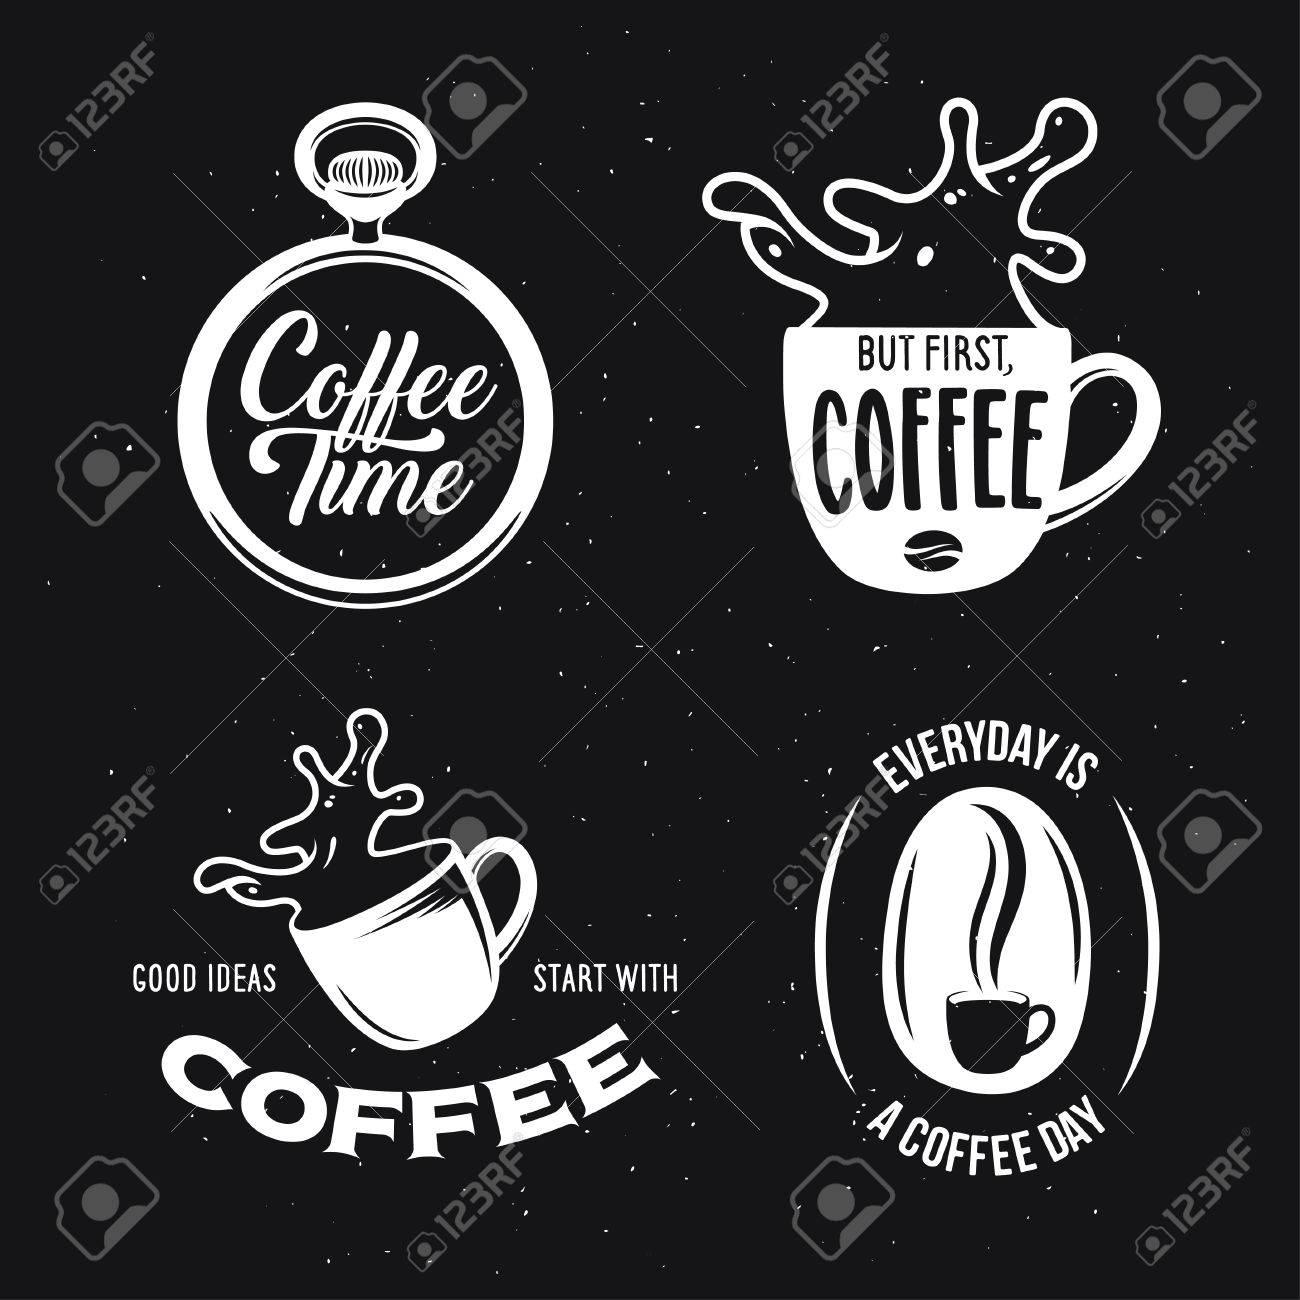 Citaten Koffie English : Koffiegerelateerde citaten ingesteld. koffietijd. maar eerst koffie